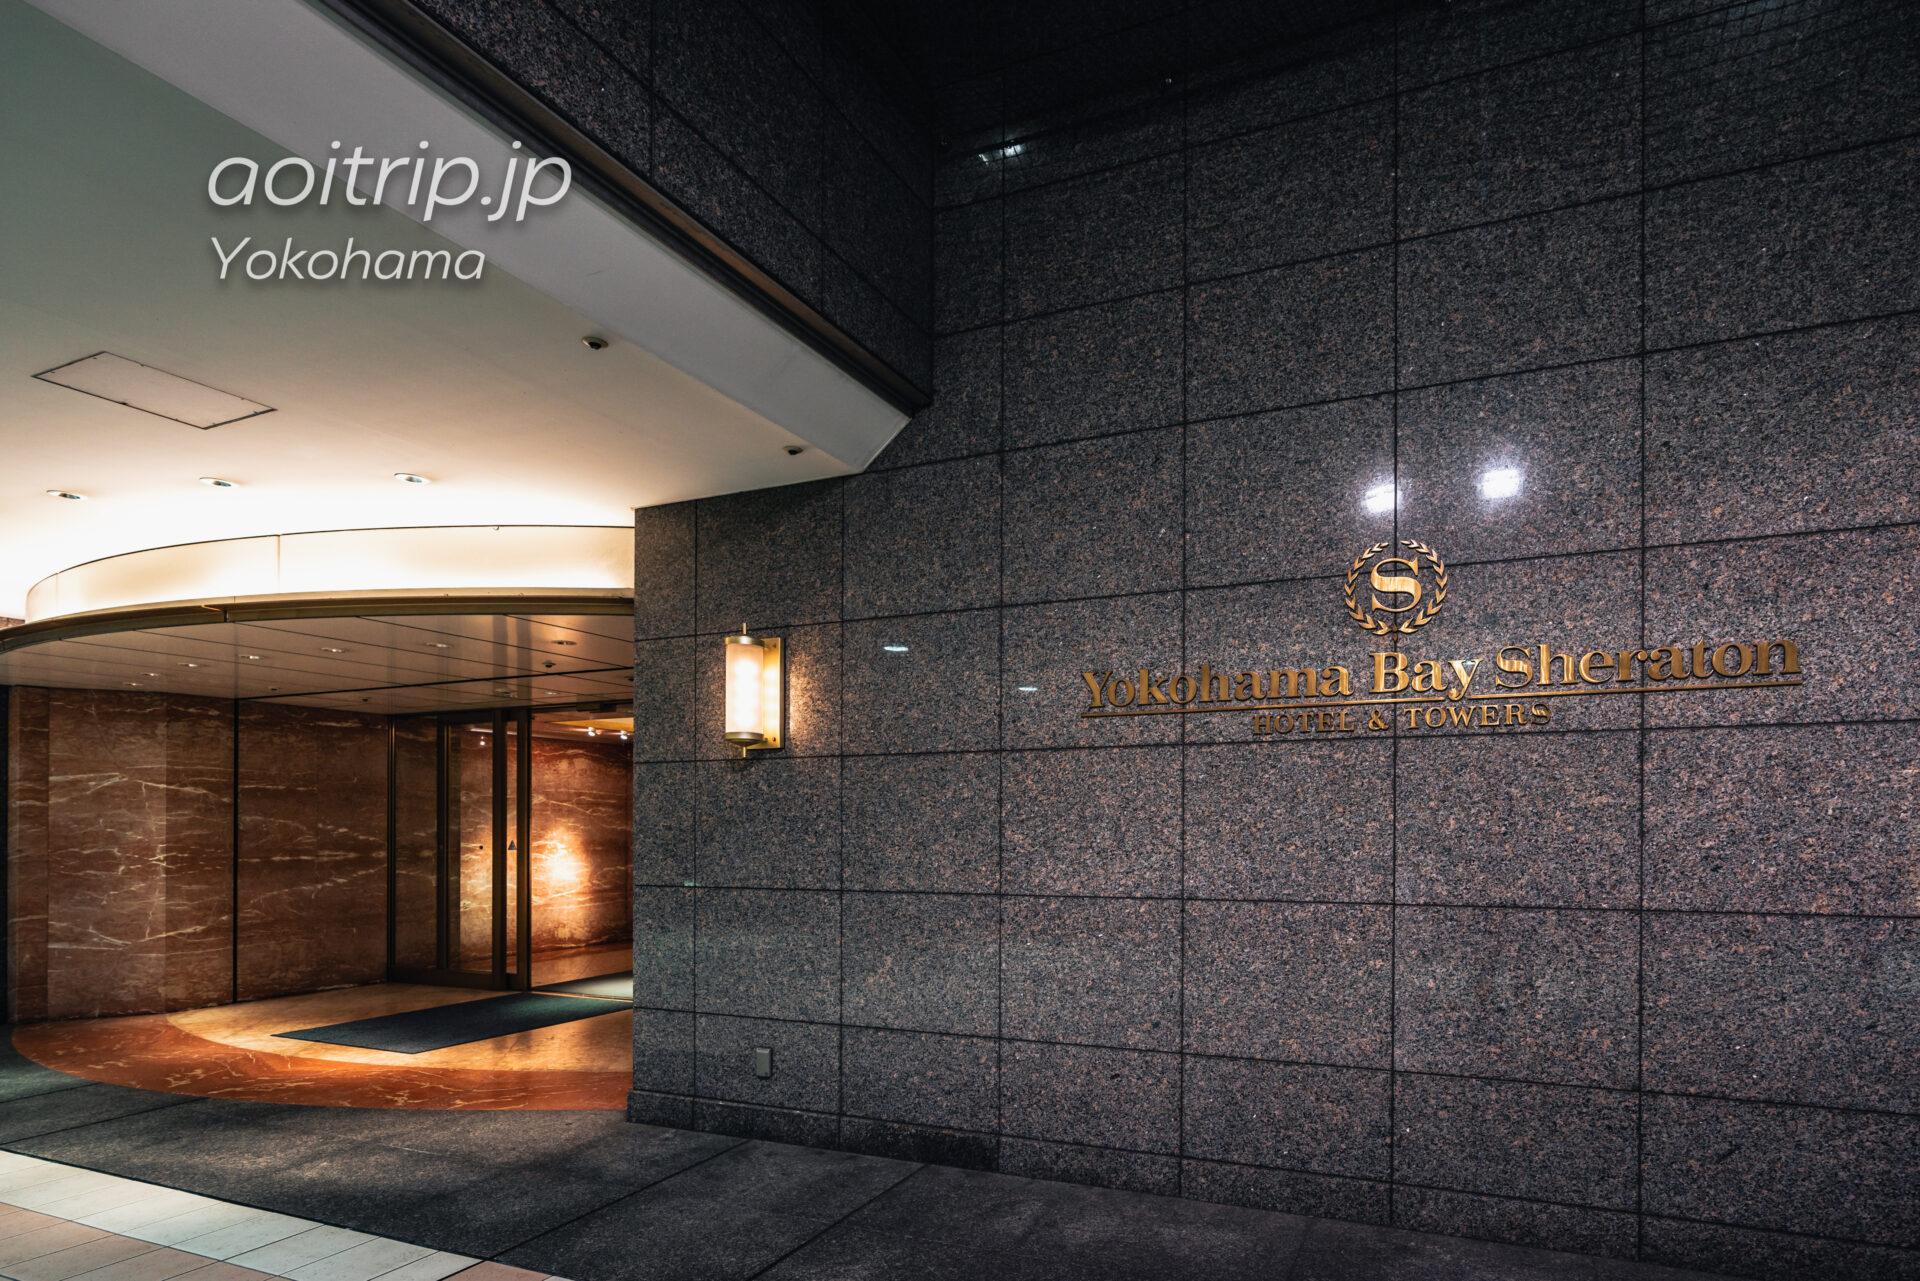 横浜ベイシェラトン ホテル&タワーズ 宿泊記|Yokohama Bay Sheraton Hotel & Towers エントランス